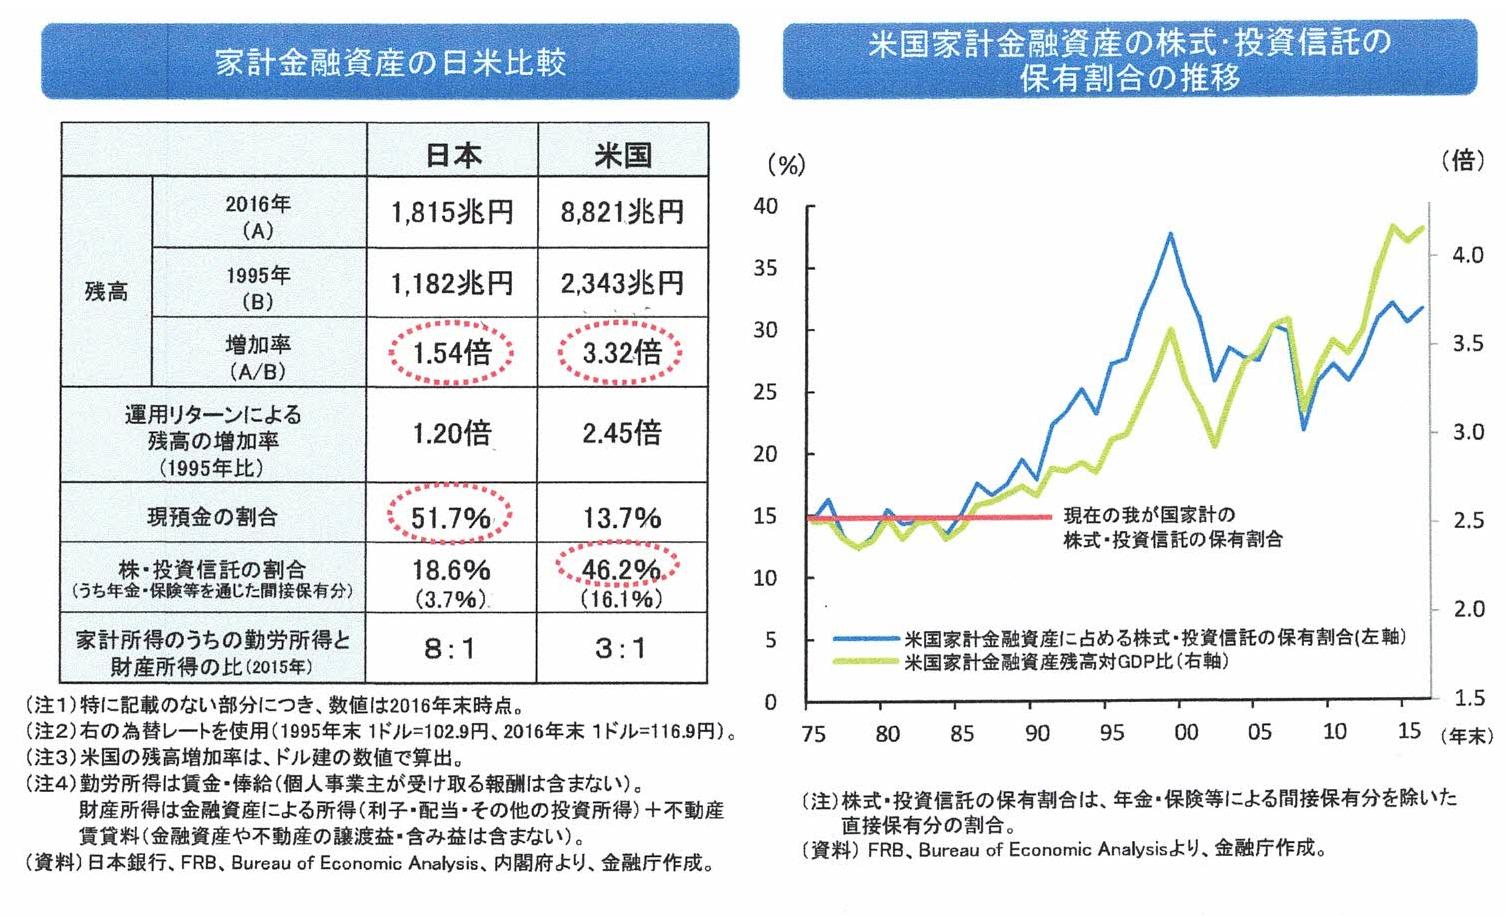 金融庁資料(2)